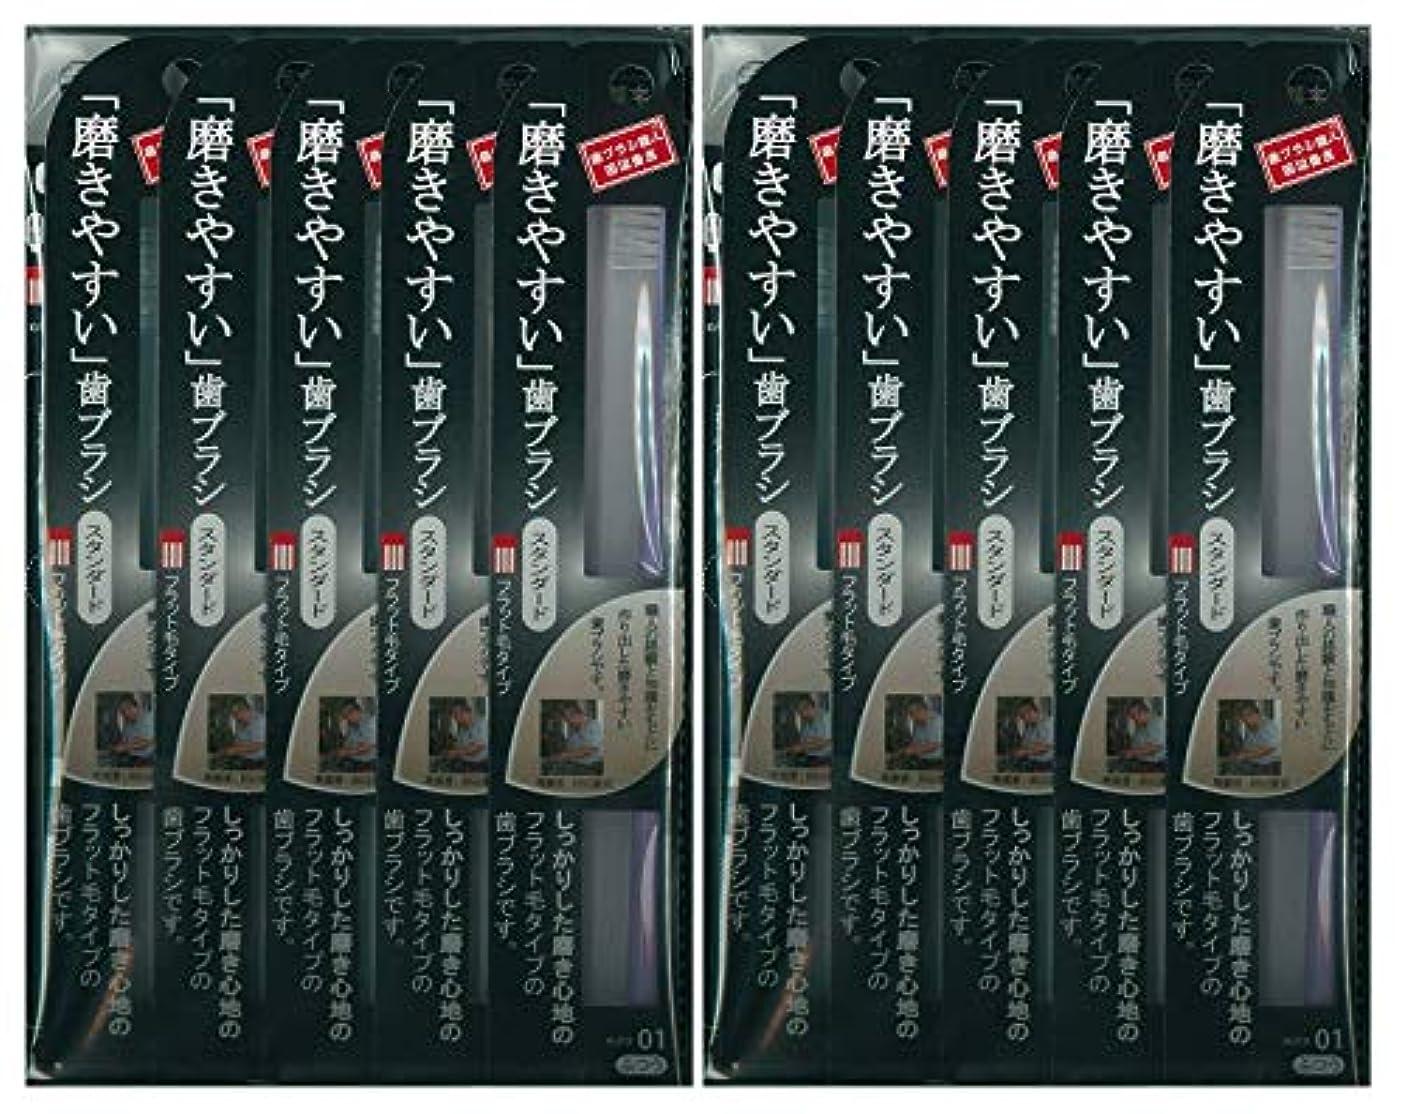 マウンド樹木弓歯ブラシ職人 田辺重吉考案 磨きやすい歯ブラシ ふつう (フラット) LT-01 1本入×24本セット